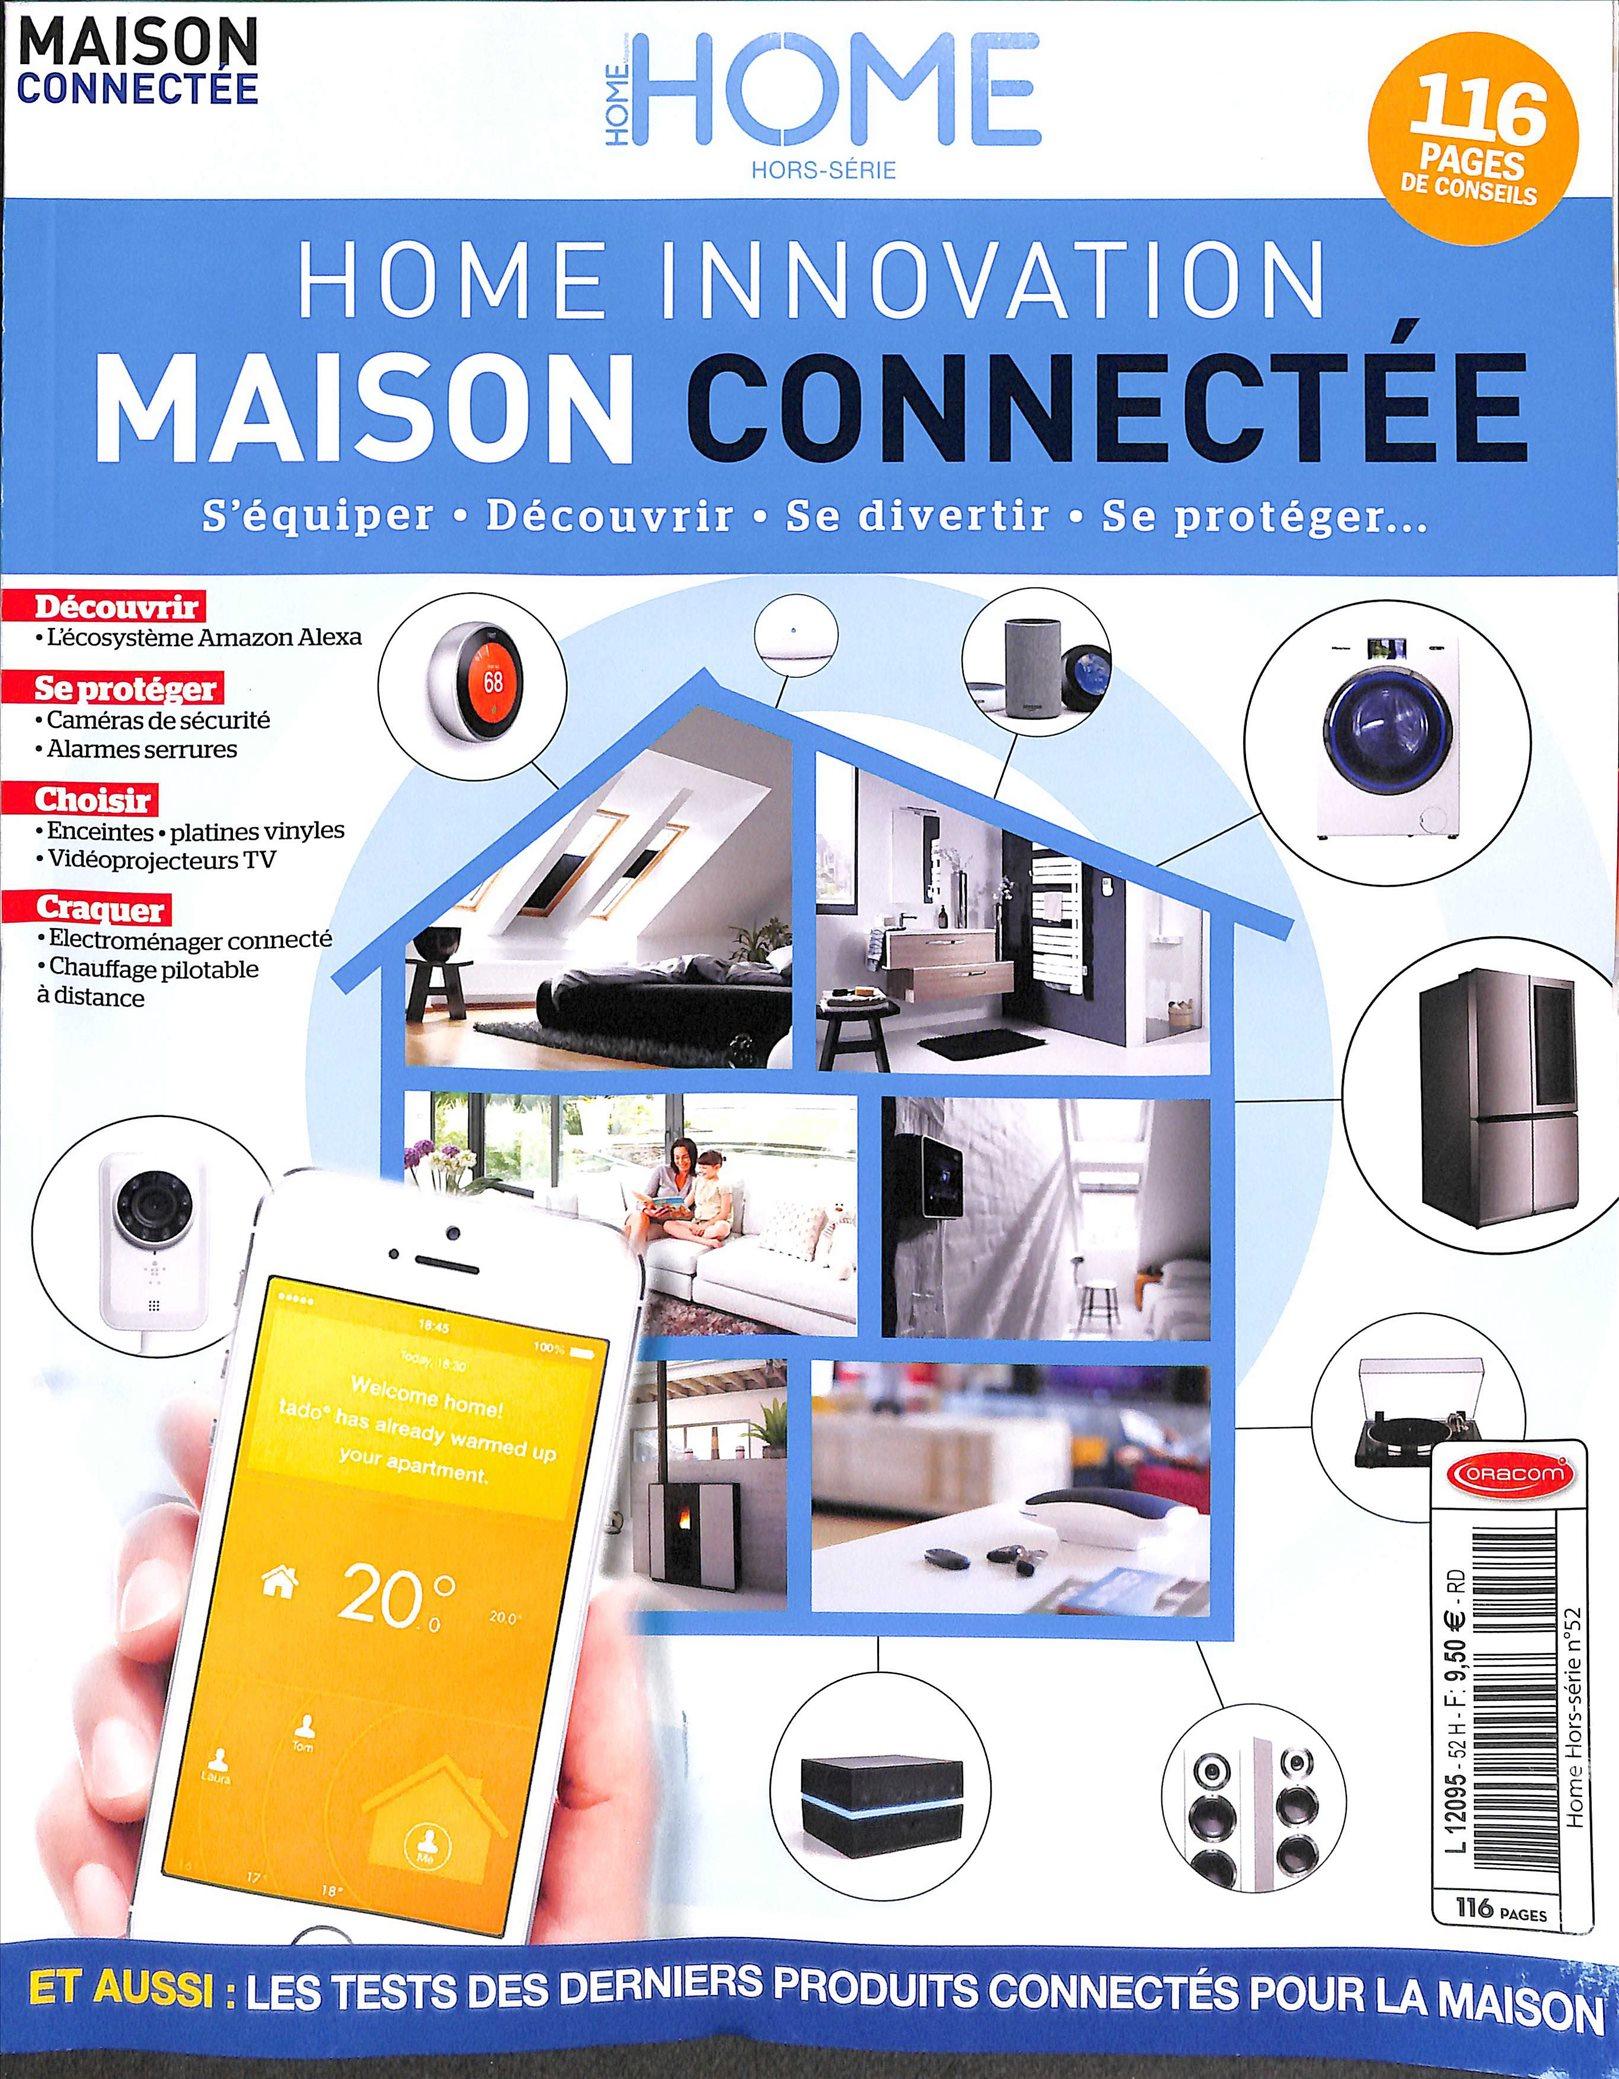 HOME HS MAISON CONNECTEE